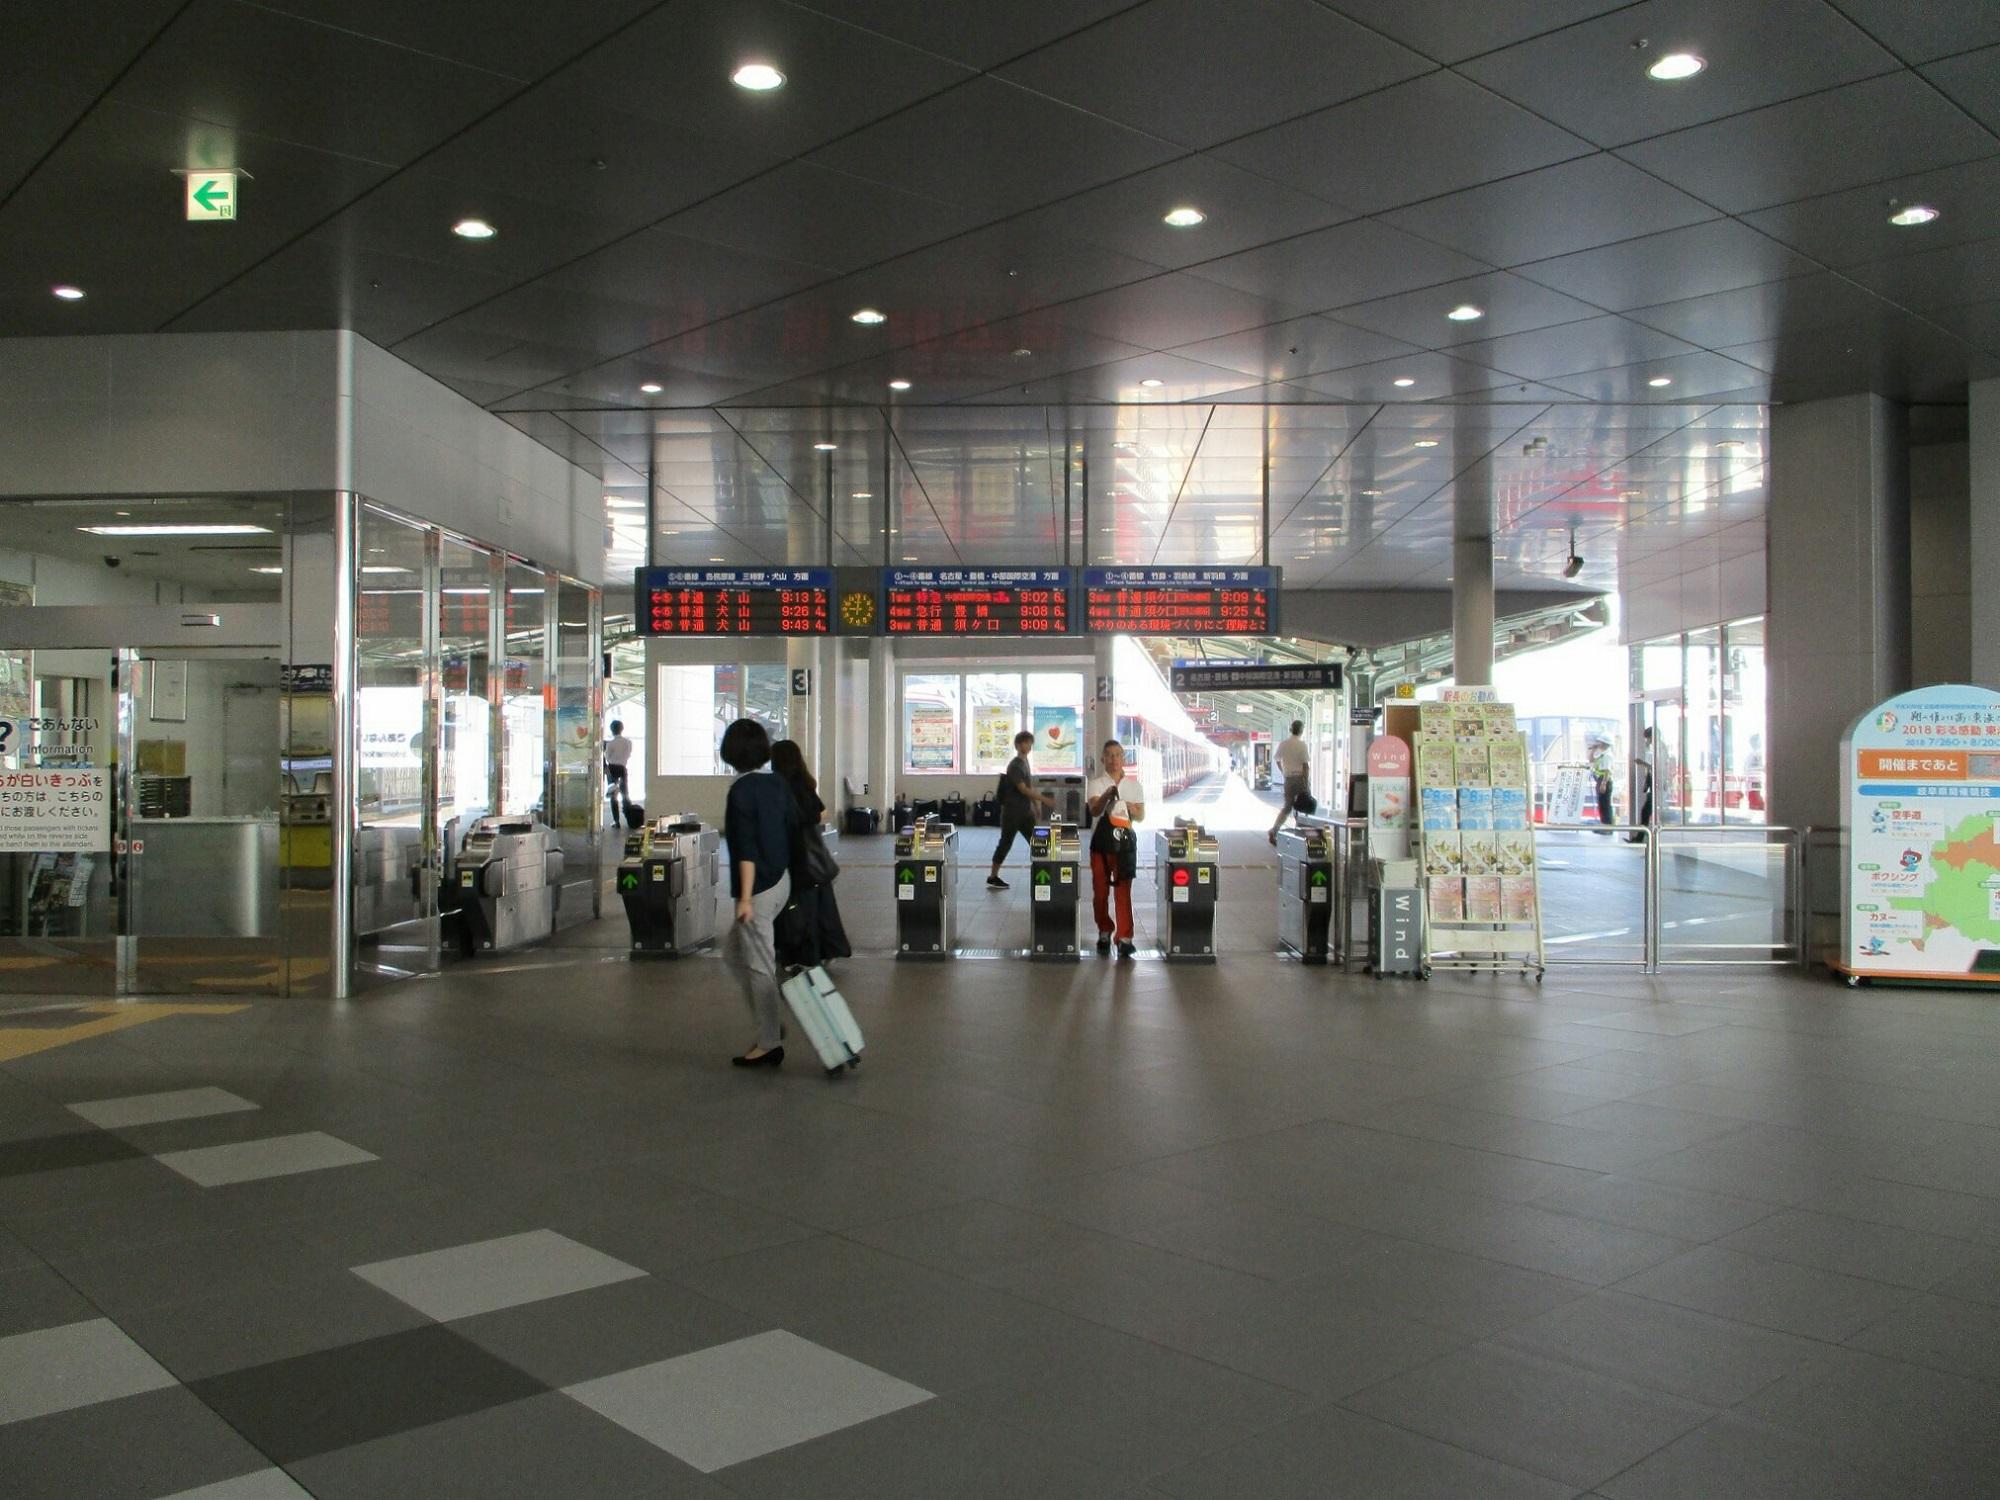 2018.7.18 (2) 岐阜 - かいさつ 2000-1500